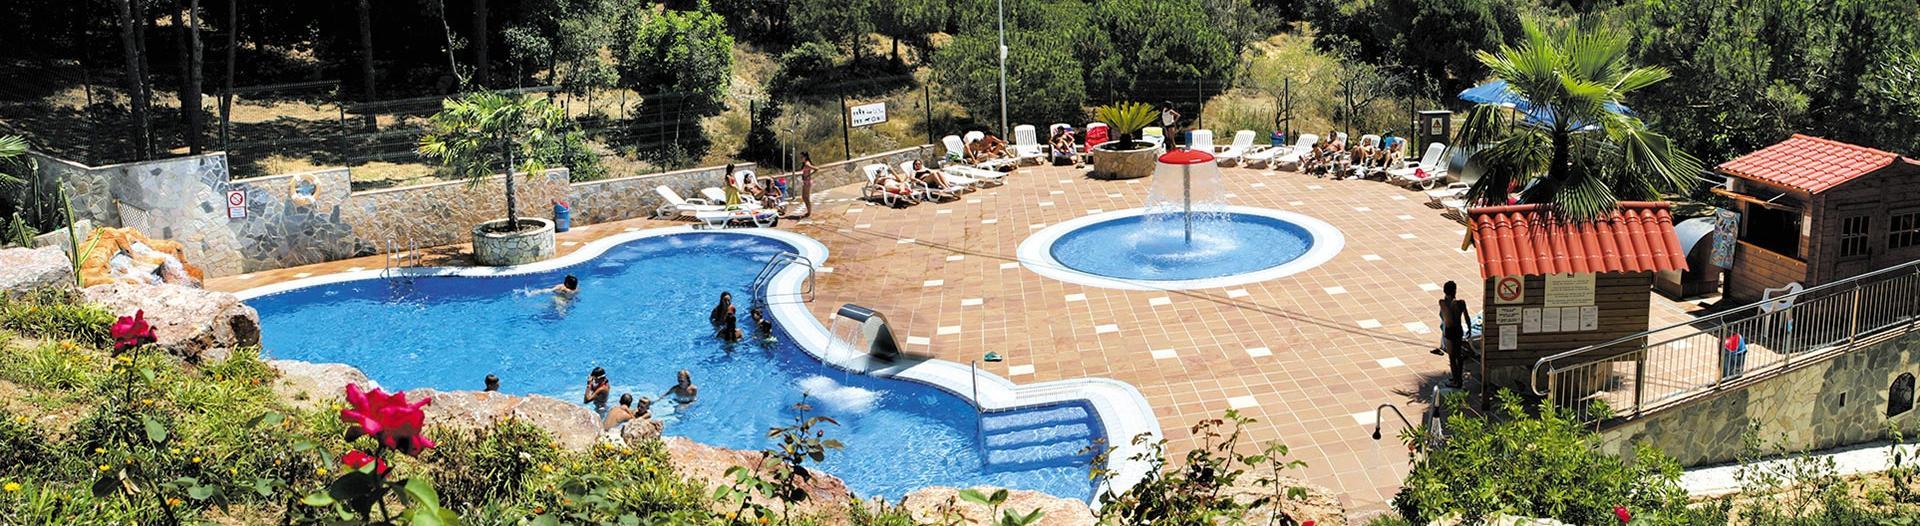 slider-camping-bonavista-Panoramique-piscine-et-bain-de-soleil